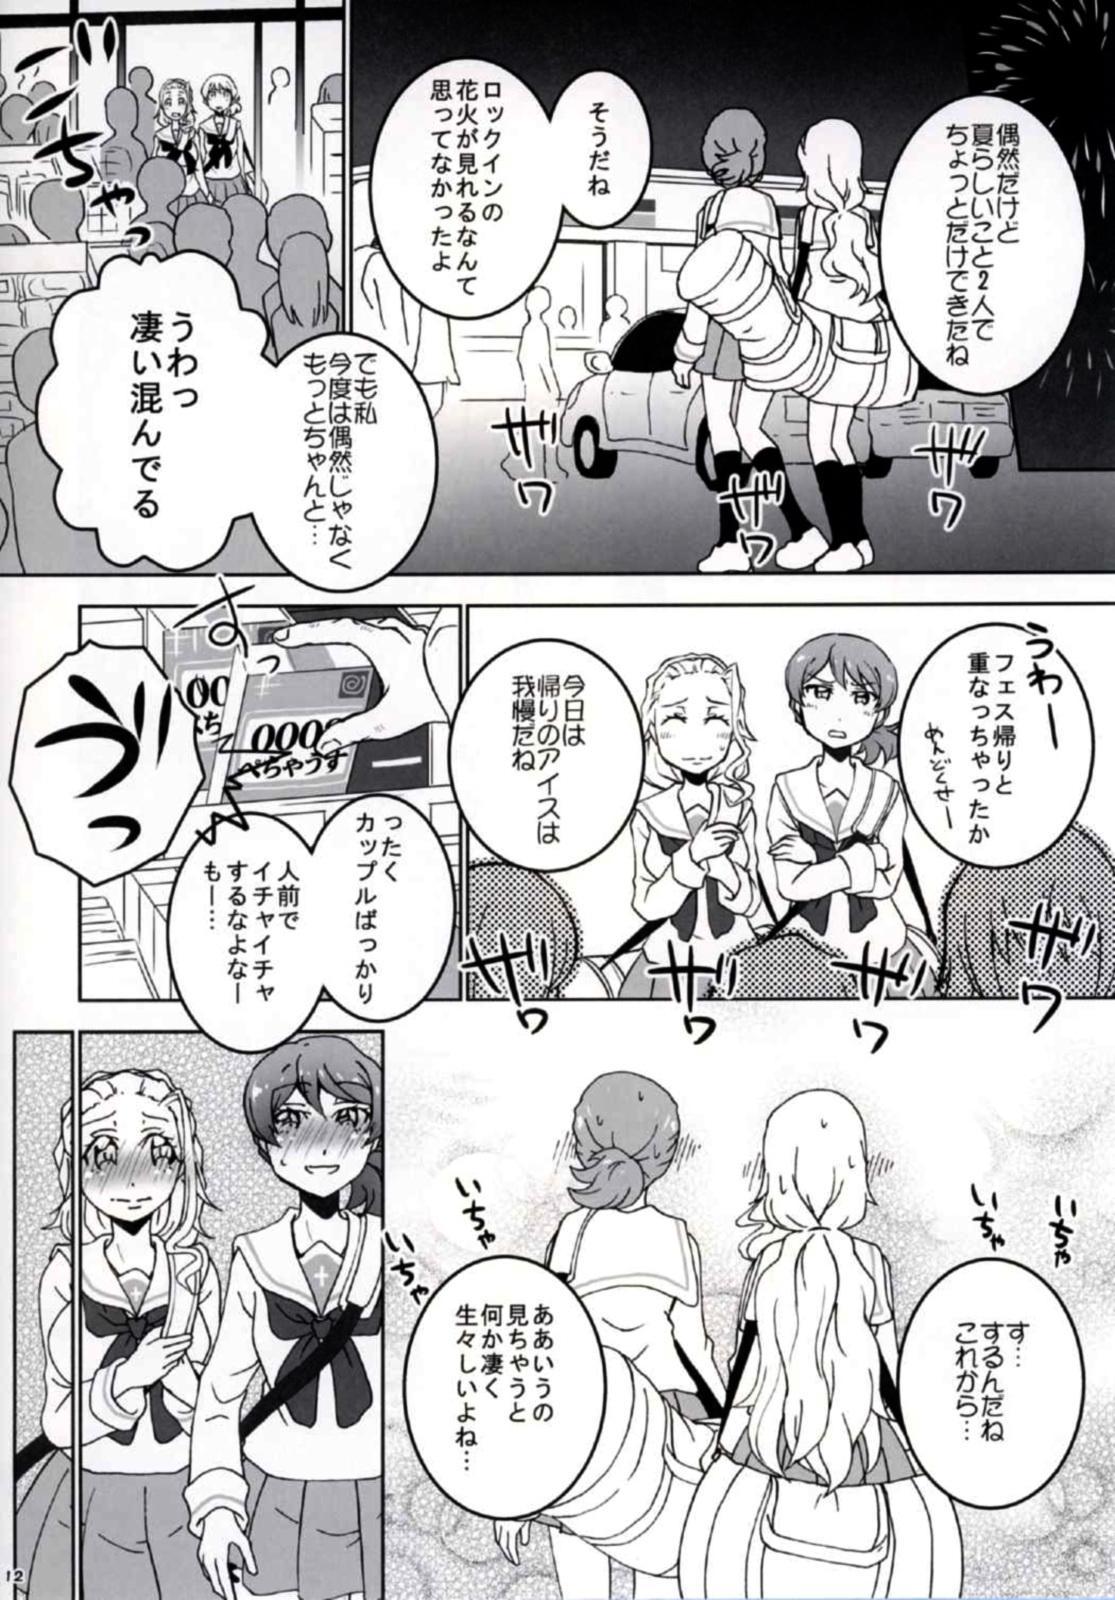 (C90) [Ai no Kura (Takahagi Kemono)] 8-gatsu 14-ka no Tonari no Shi (Girls und Panzer) 12